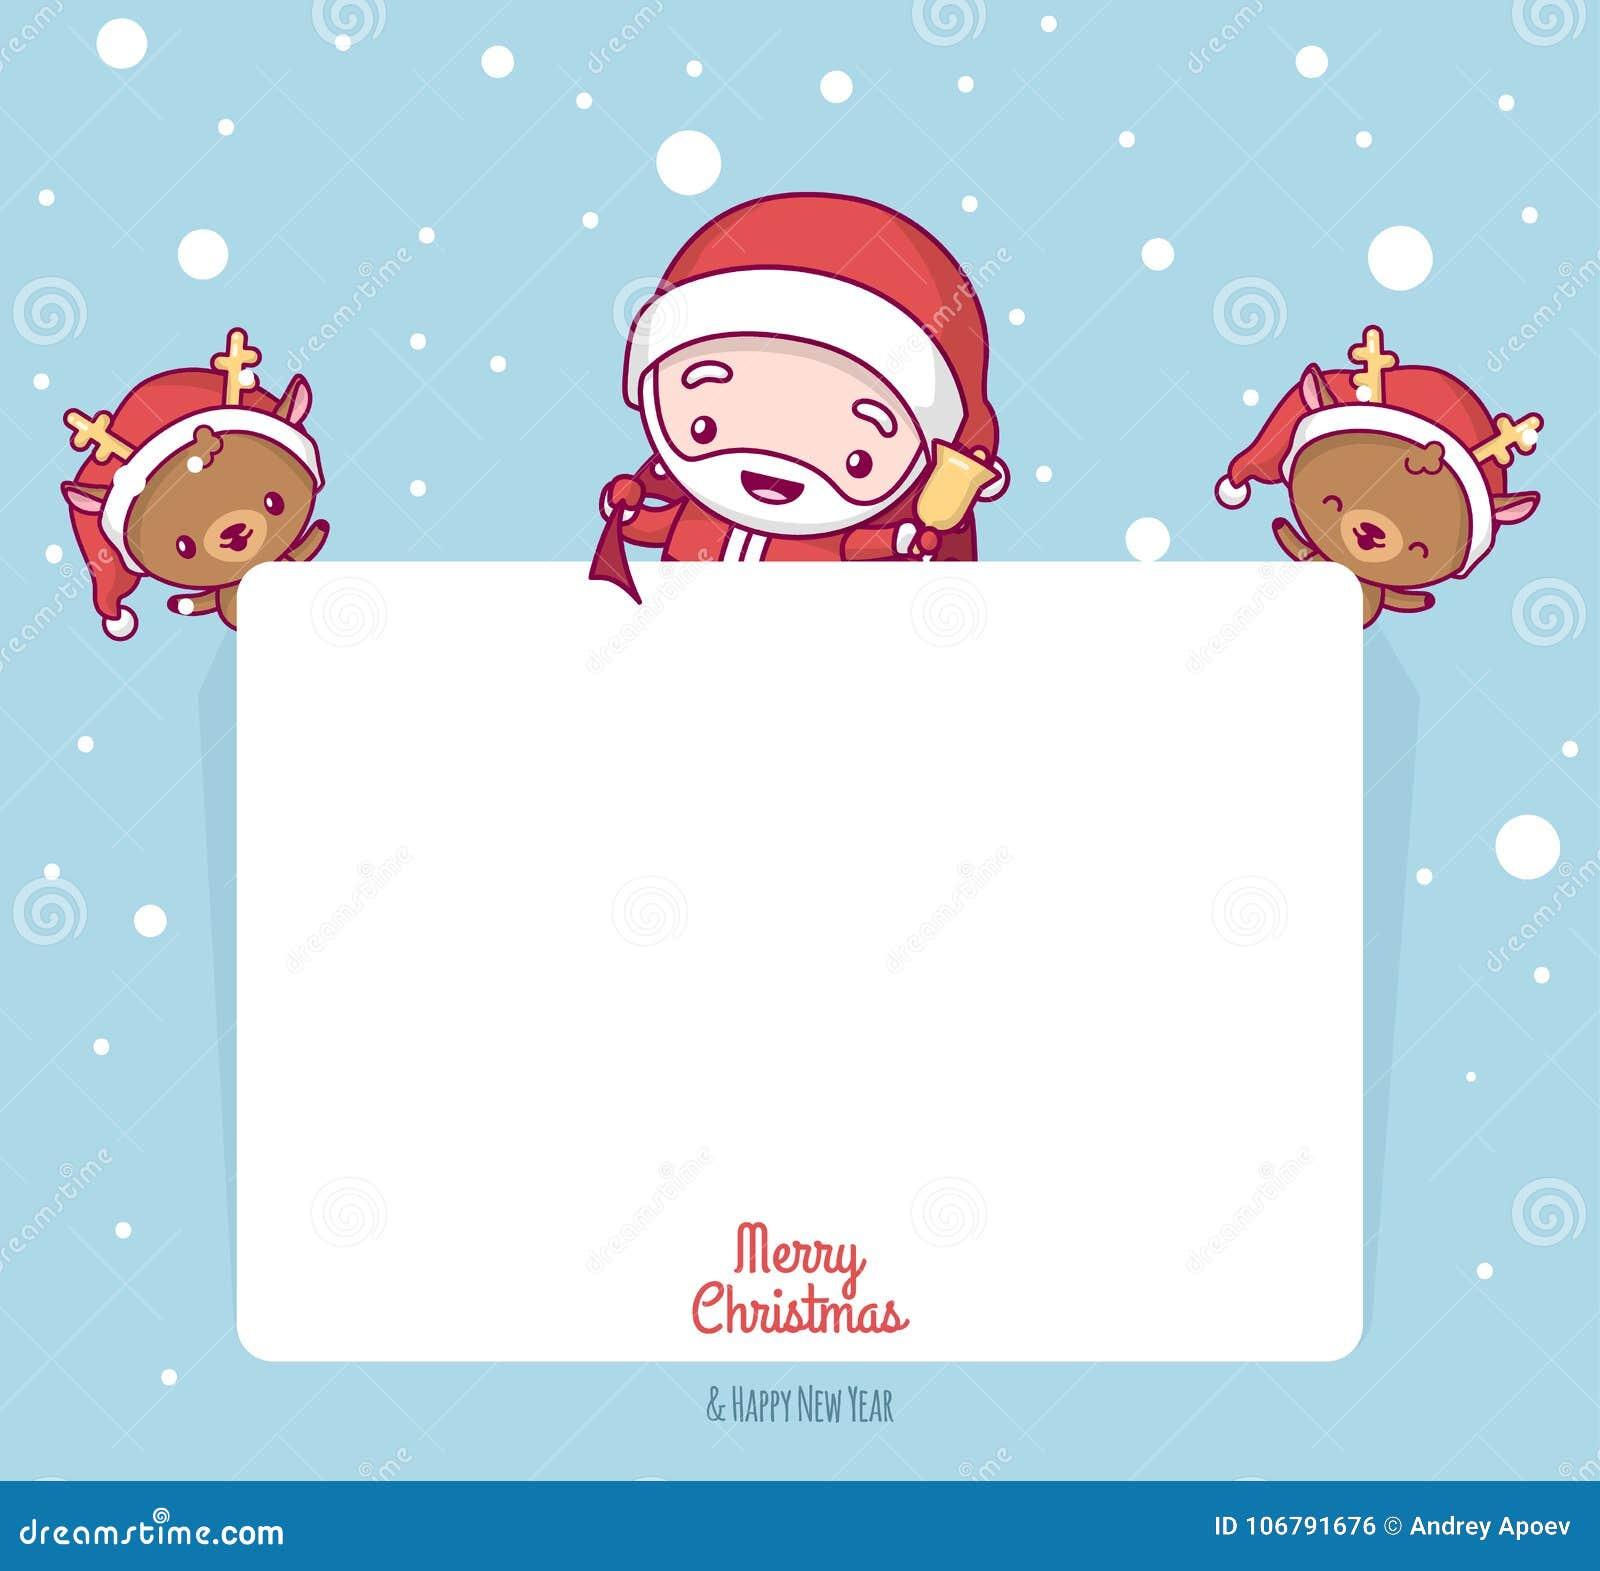 Posizione Babbo Natale.Chibi Sveglio Adorabile Di Kawaii Il Babbo Natale Con I Cervi Dietro